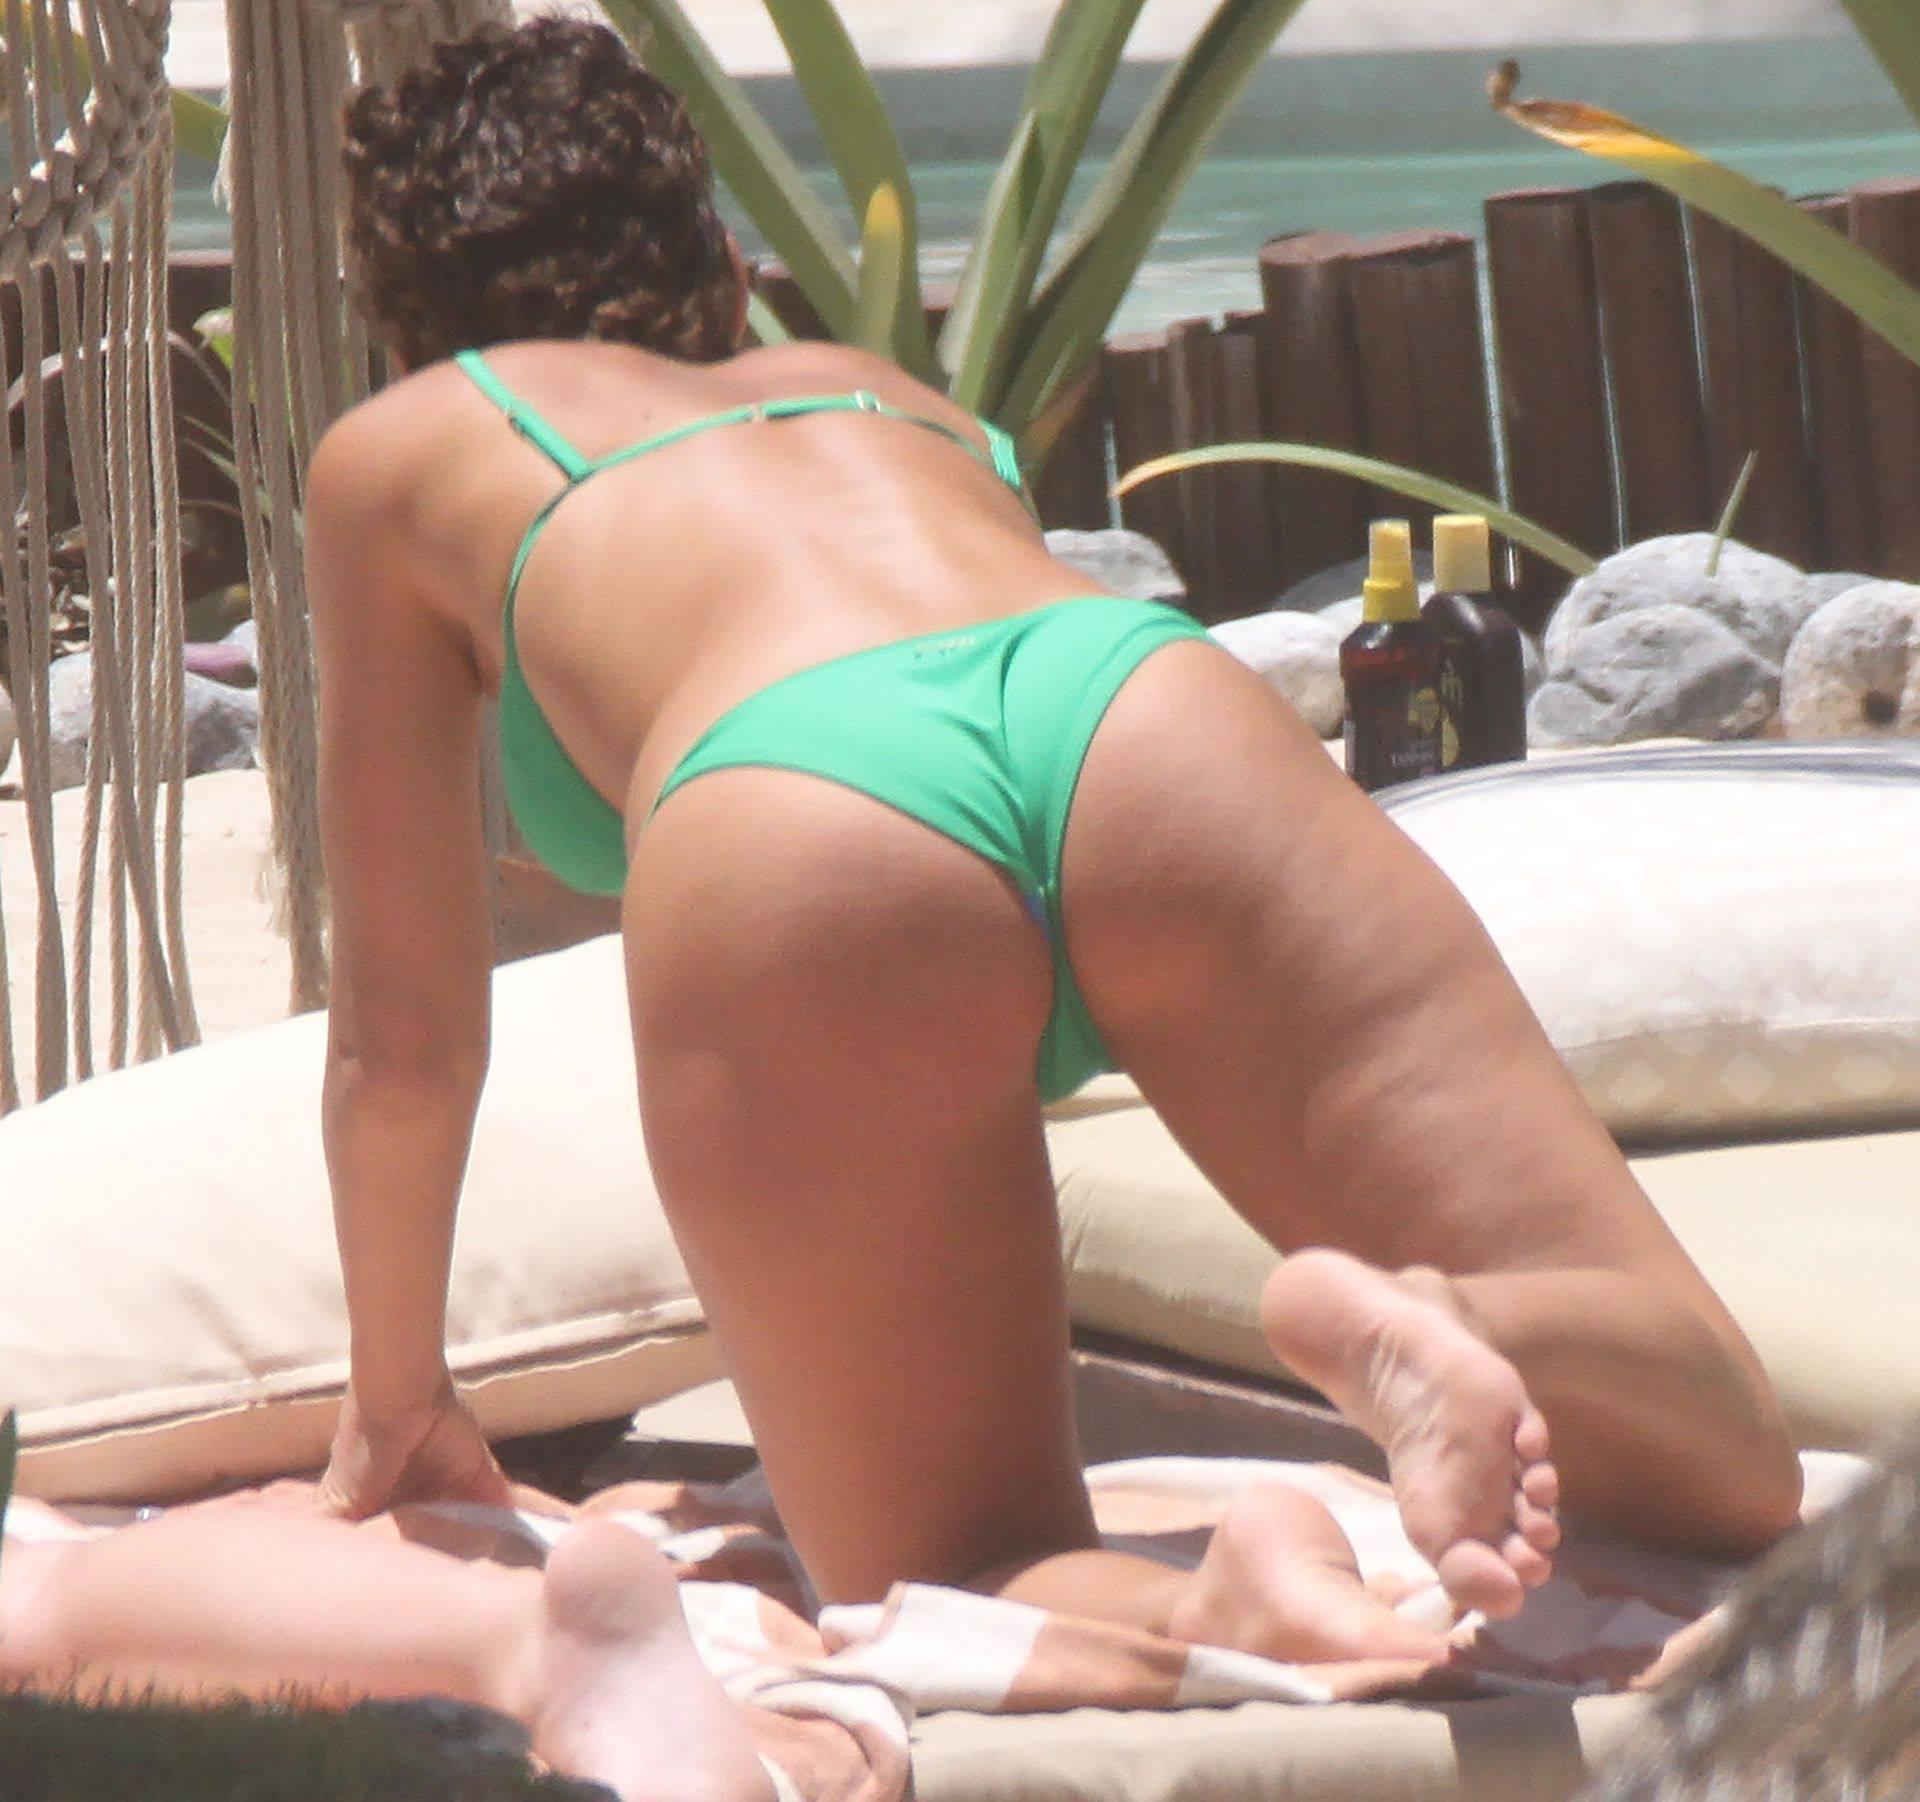 Rachel Cook – Sexy Ass And Boobs In Small Bikini In Tulum 0014